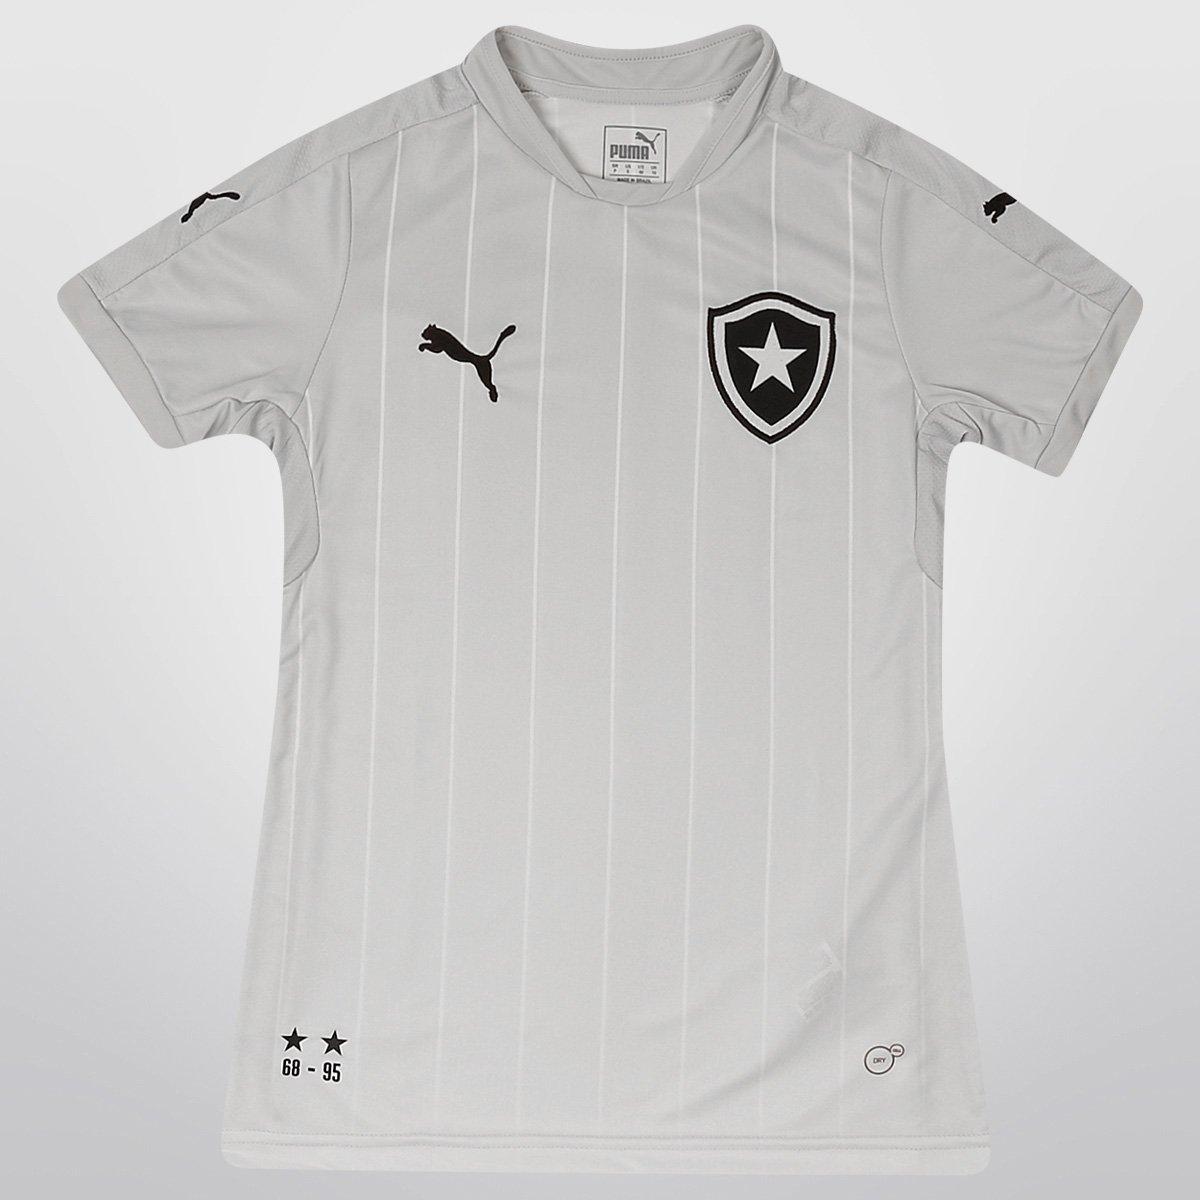 b6b2dac078510 Camisa Feminina Puma Botafogo III 15 16 s nº - Compre Agora